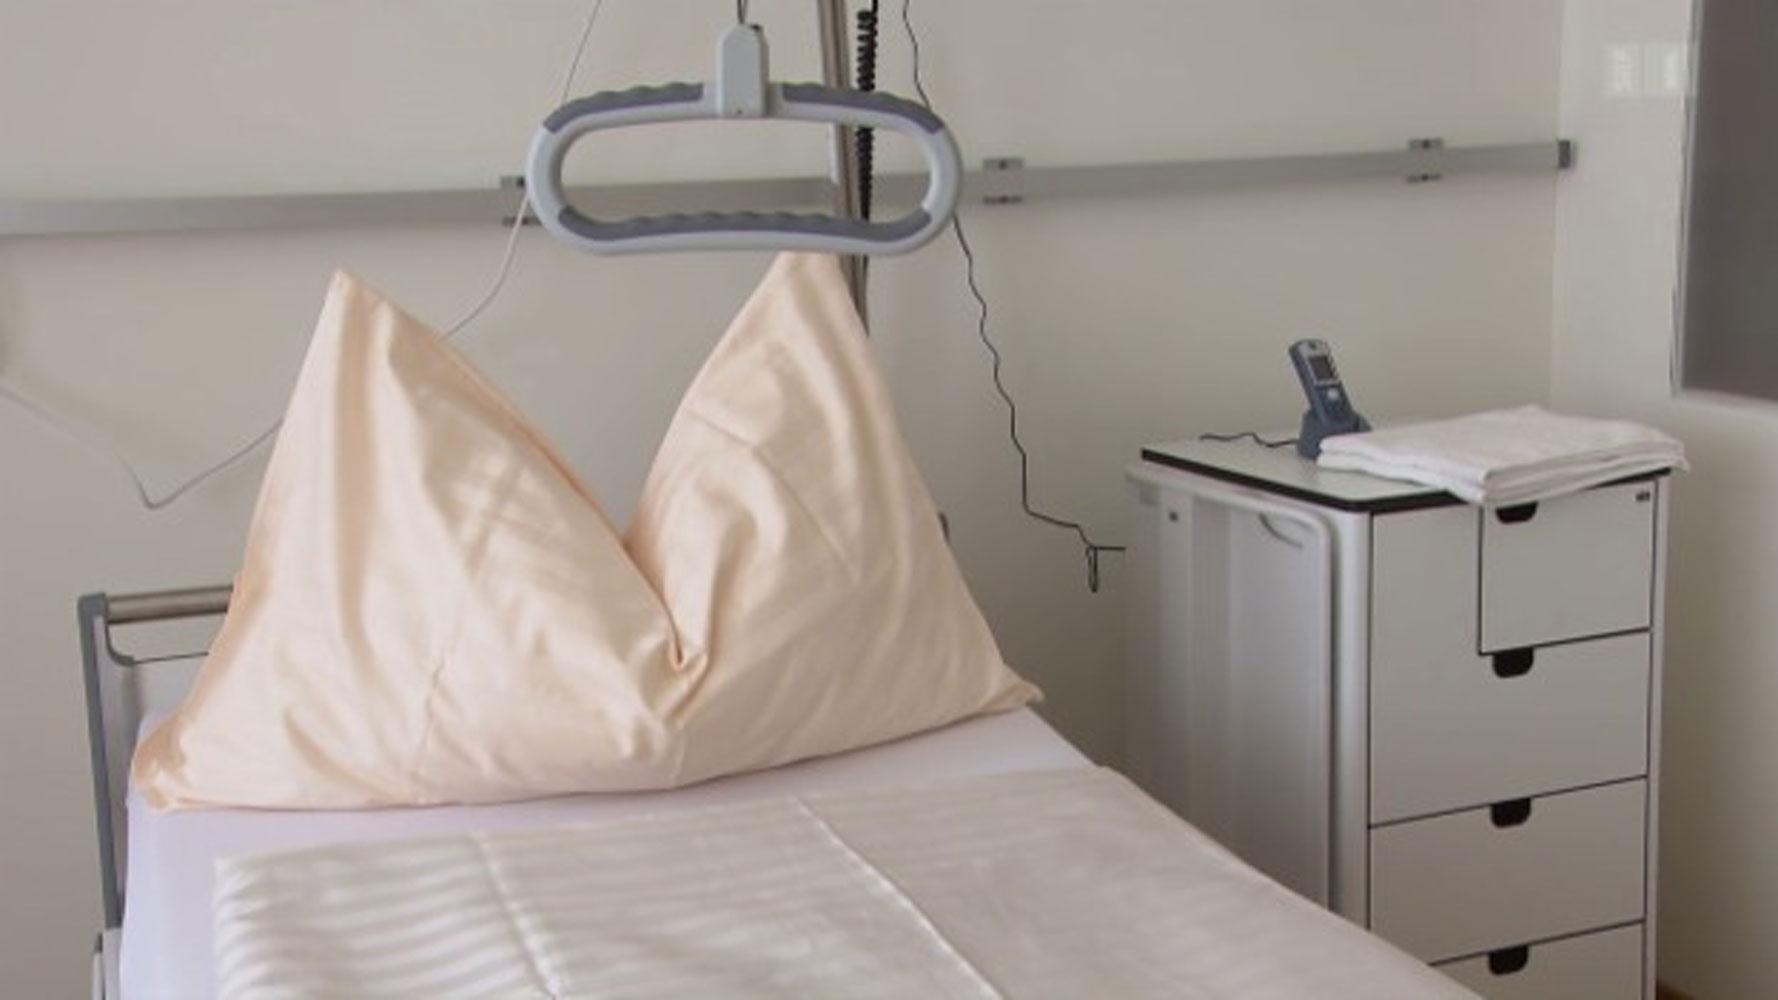 Krankenkassenprämien: Vergleichen lohnt sich!